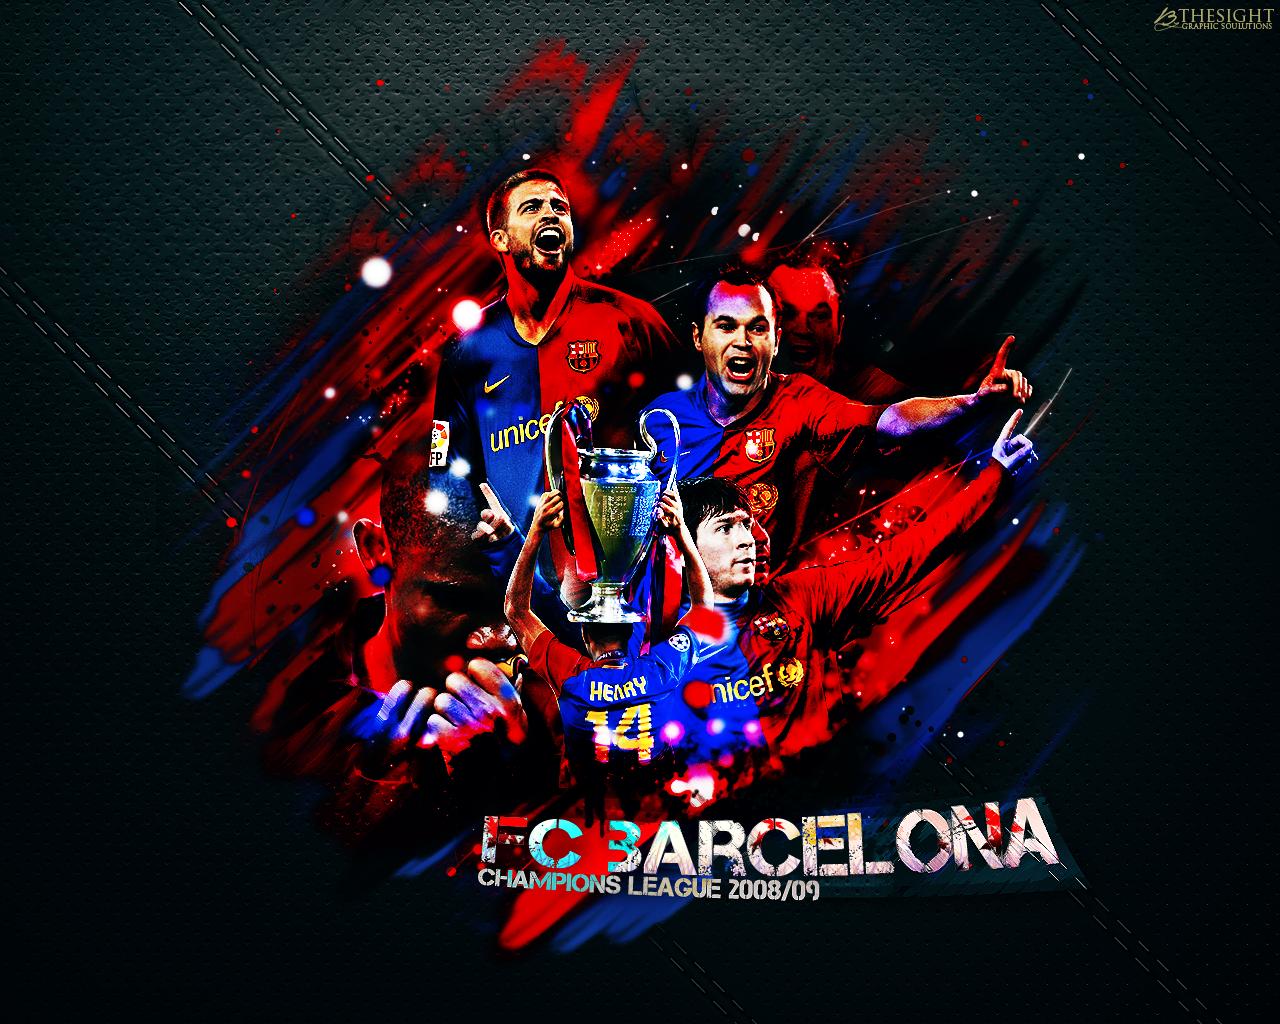 http://2.bp.blogspot.com/-DfLOfWH5jLs/TuPsEbi5bkI/AAAAAAAAFC8/7sNd7BAGIUQ/s1600/FC_barcelona_wallpaper_by_slavikno.png